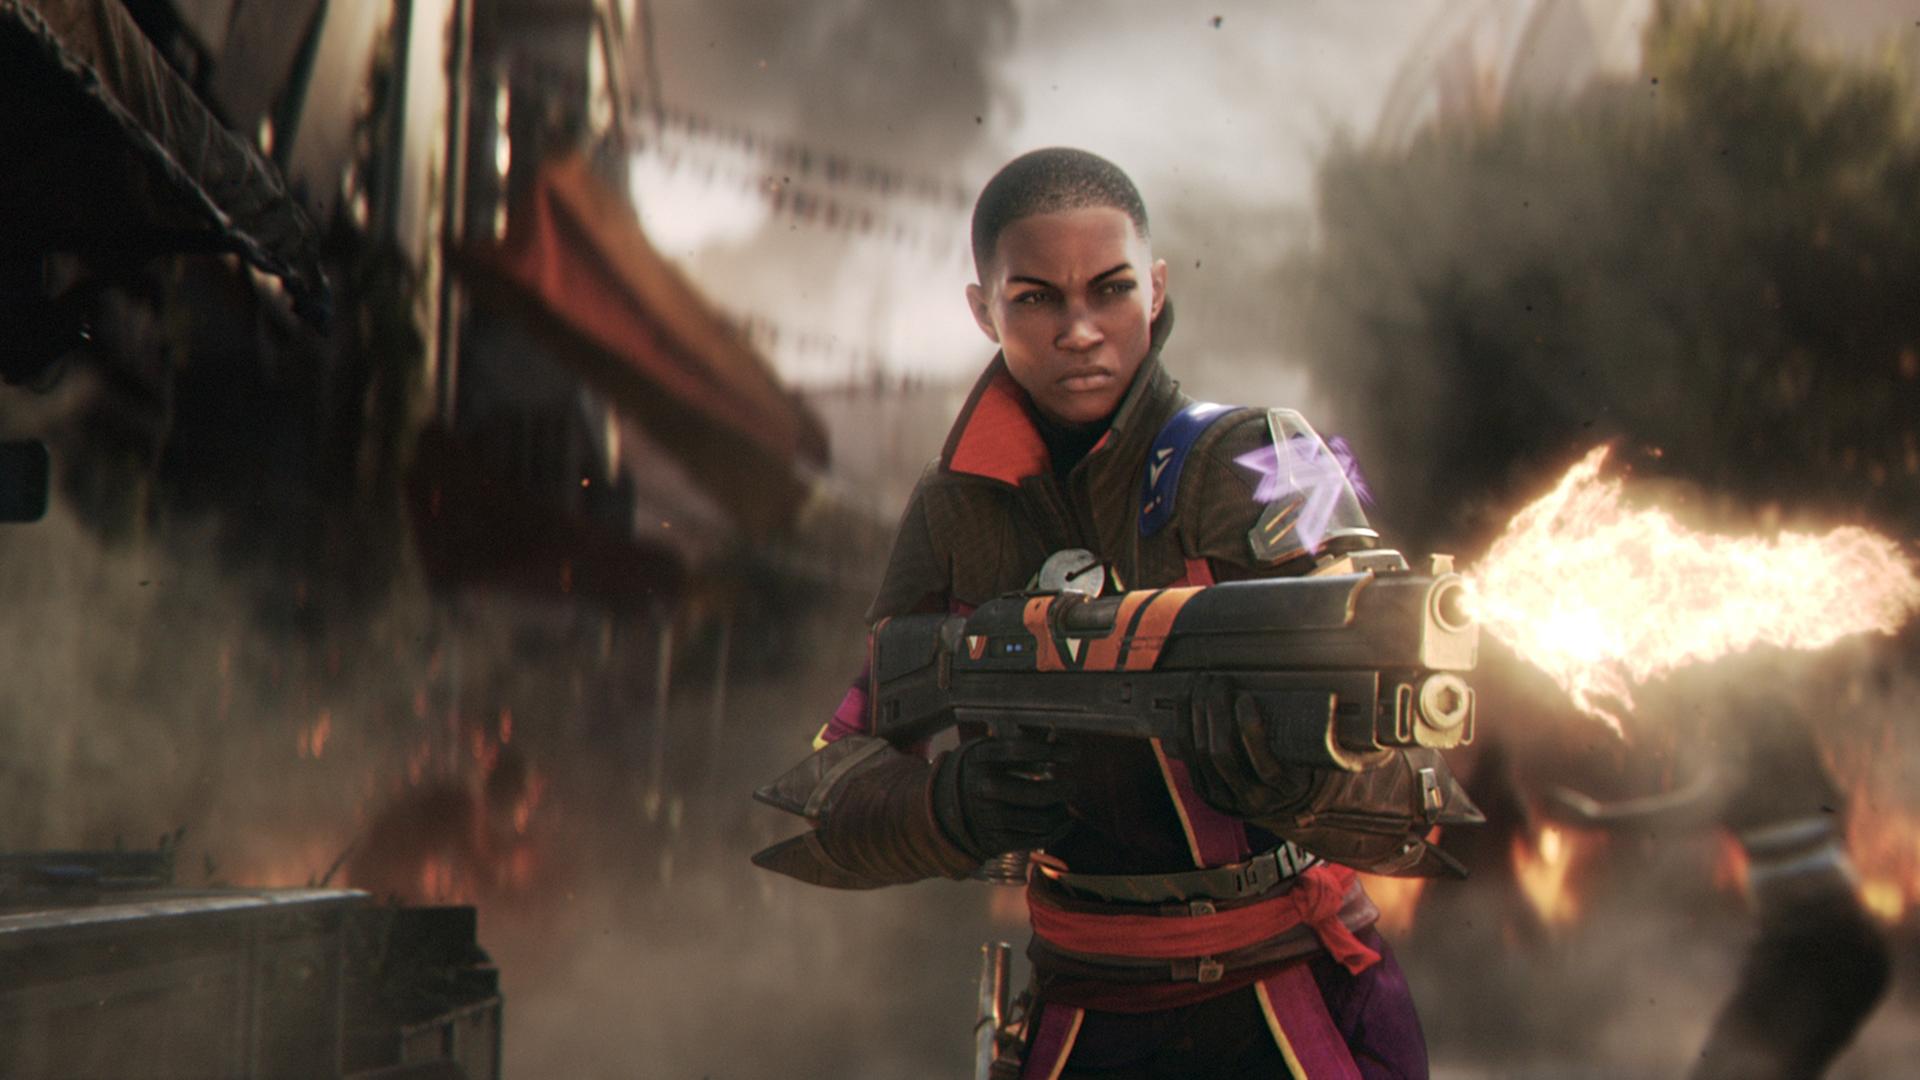 Добро пожаловать на домашнюю страницу игры Destiny 2 6 сентября настанет время новых легенд